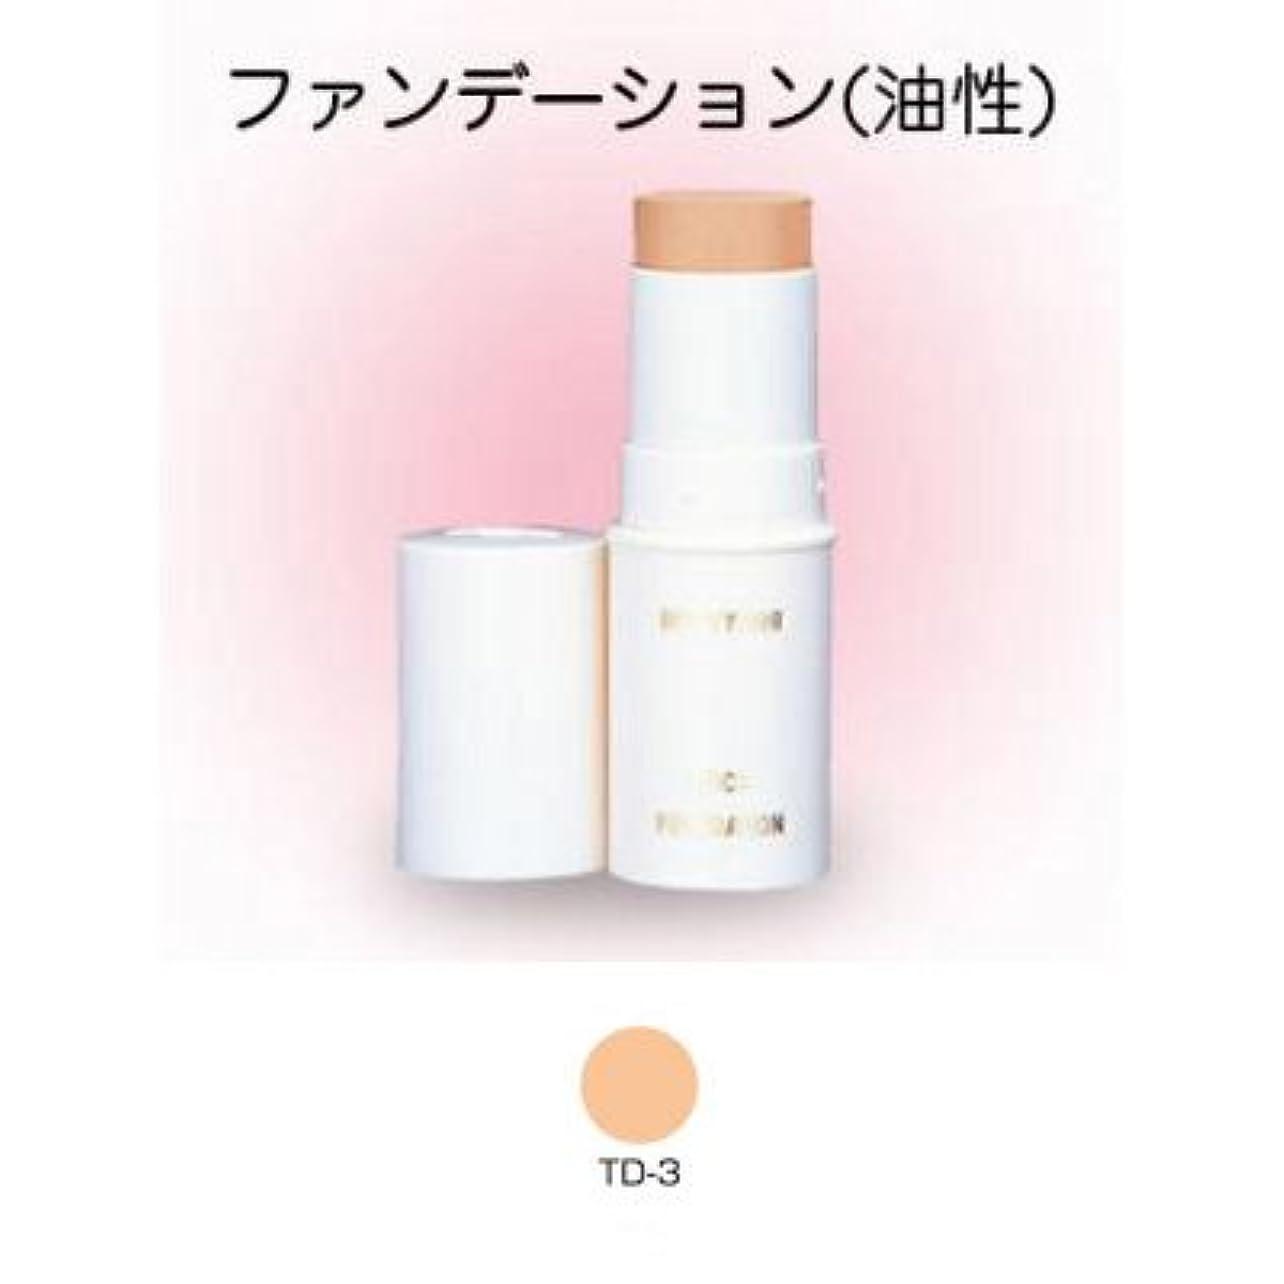 暗黙ドライバ酒スティックファンデーション 16g TD-3 【三善】